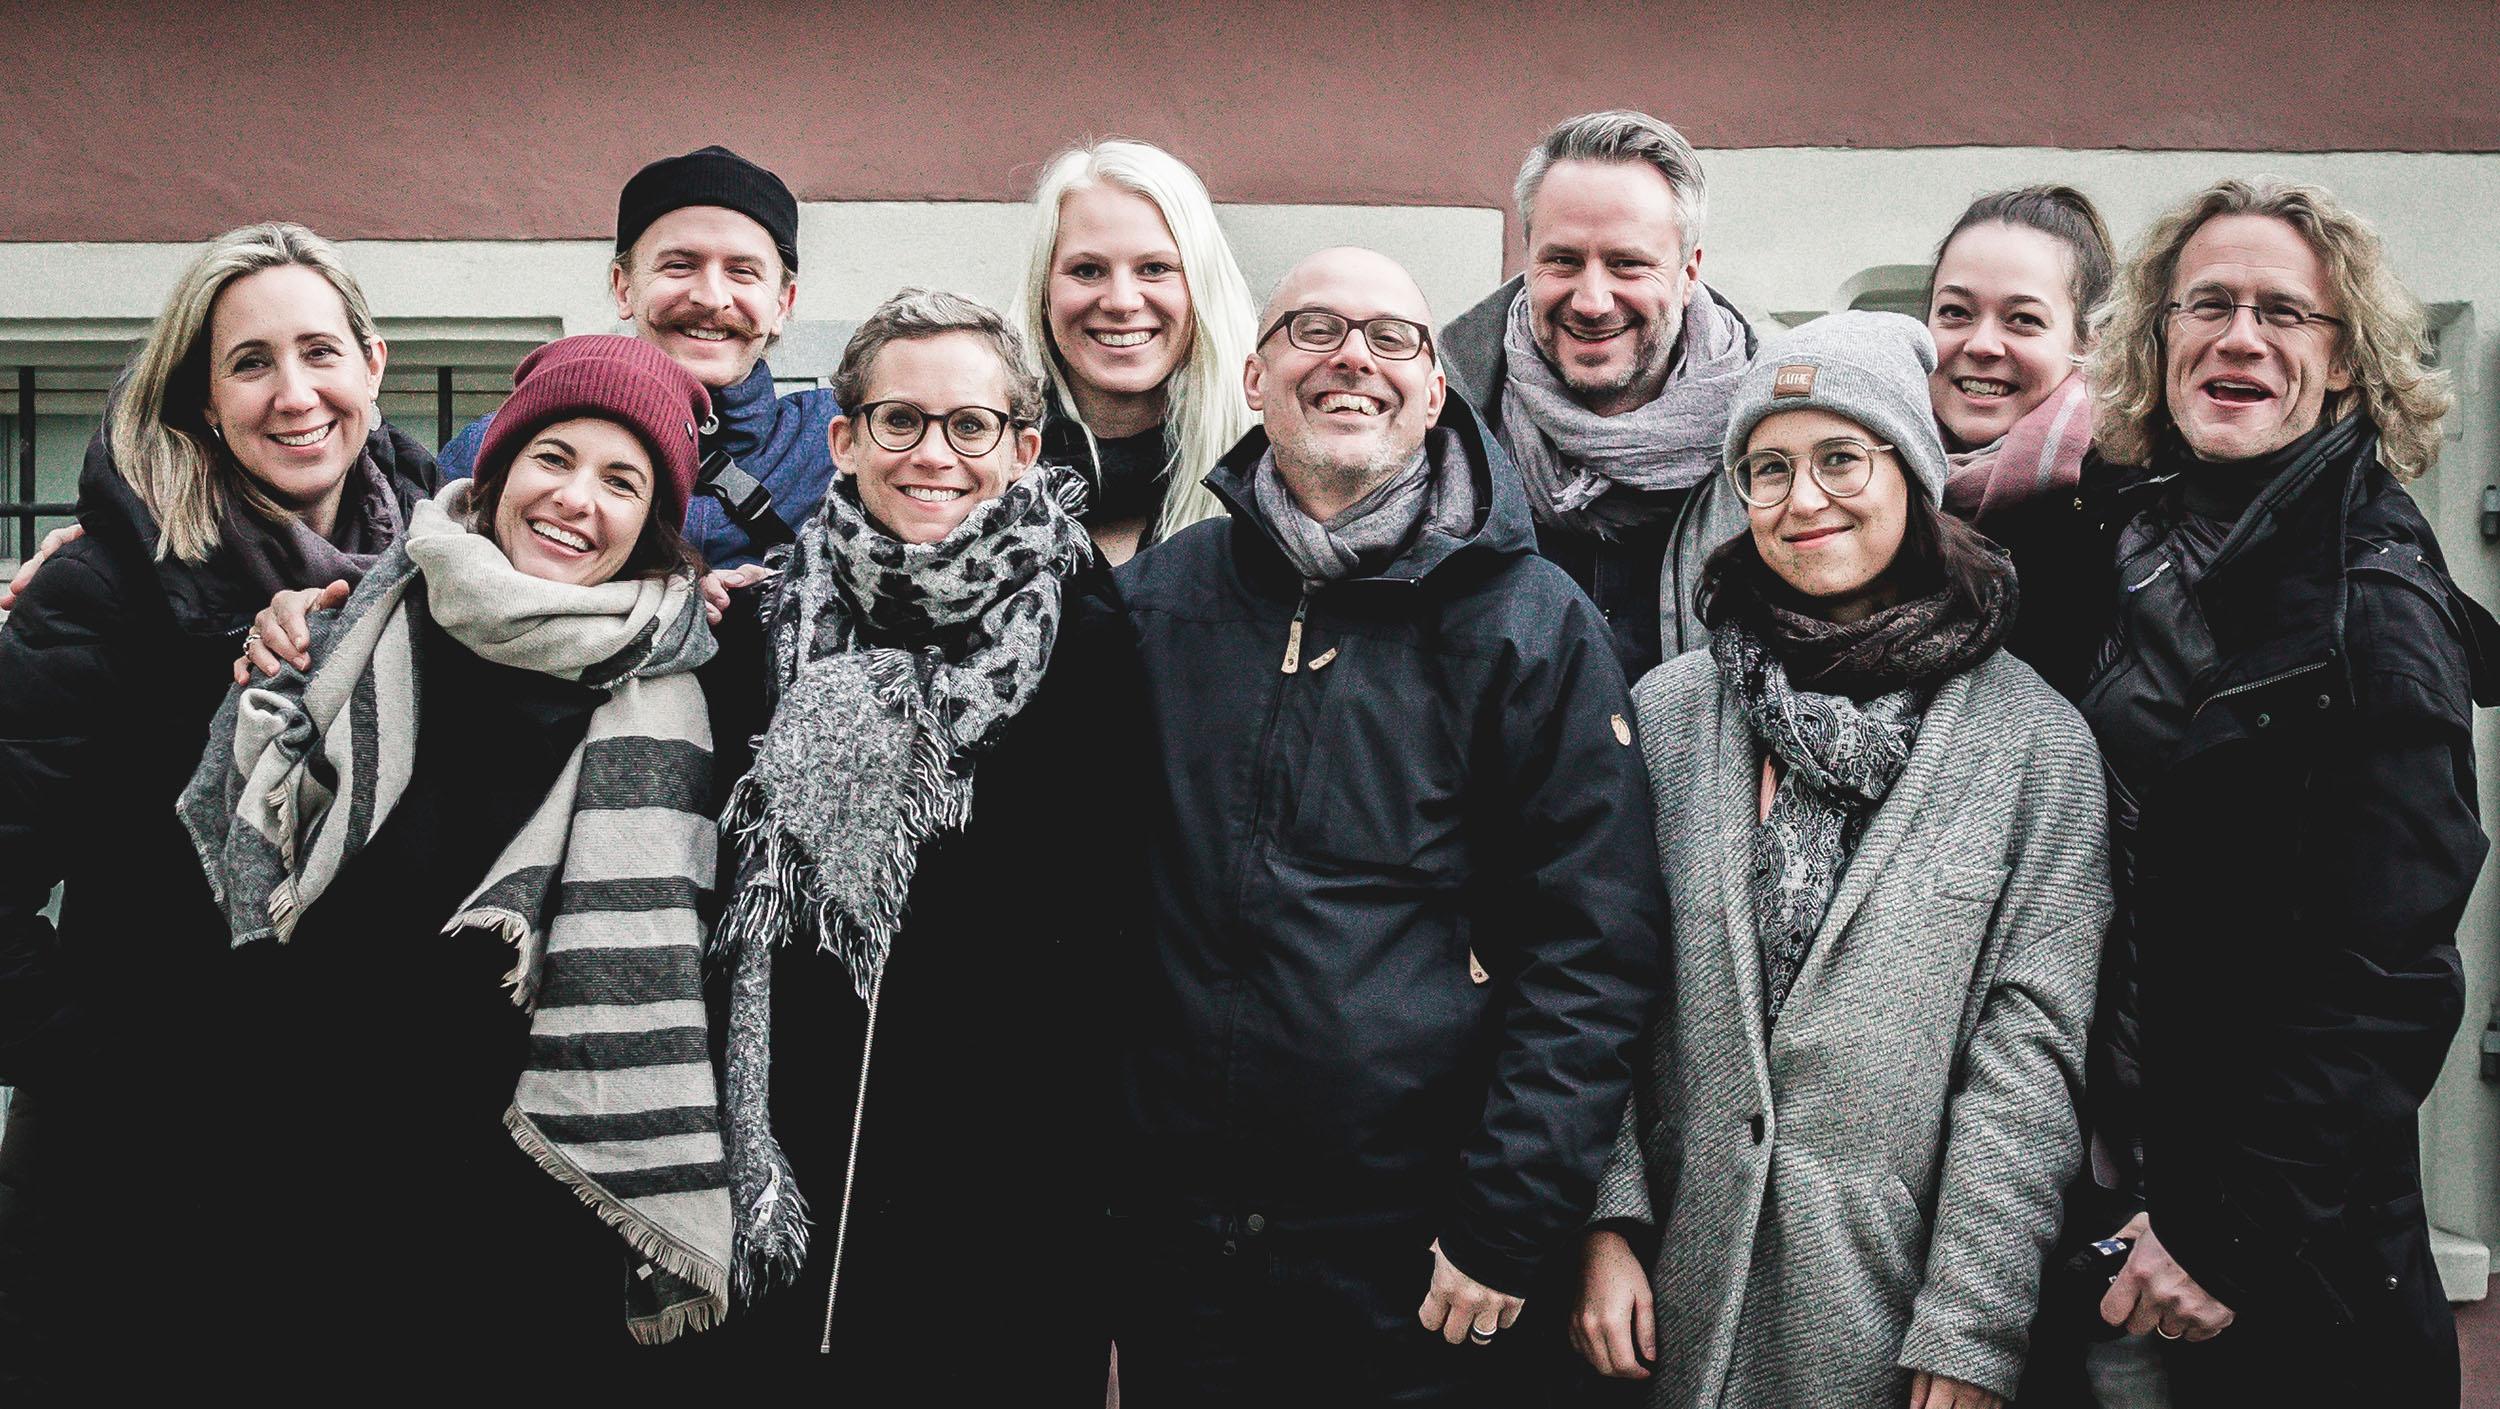 Das Smovie Team (v.l.n.r.): Andrea Götte, Désirée Schuler, Menno Labruyère, Dui Klameth, Salome Kuster, Urs Meier, Daniel Wagner, Stephanie Sonderegger, Ronja Zeller, Stefan Klameth